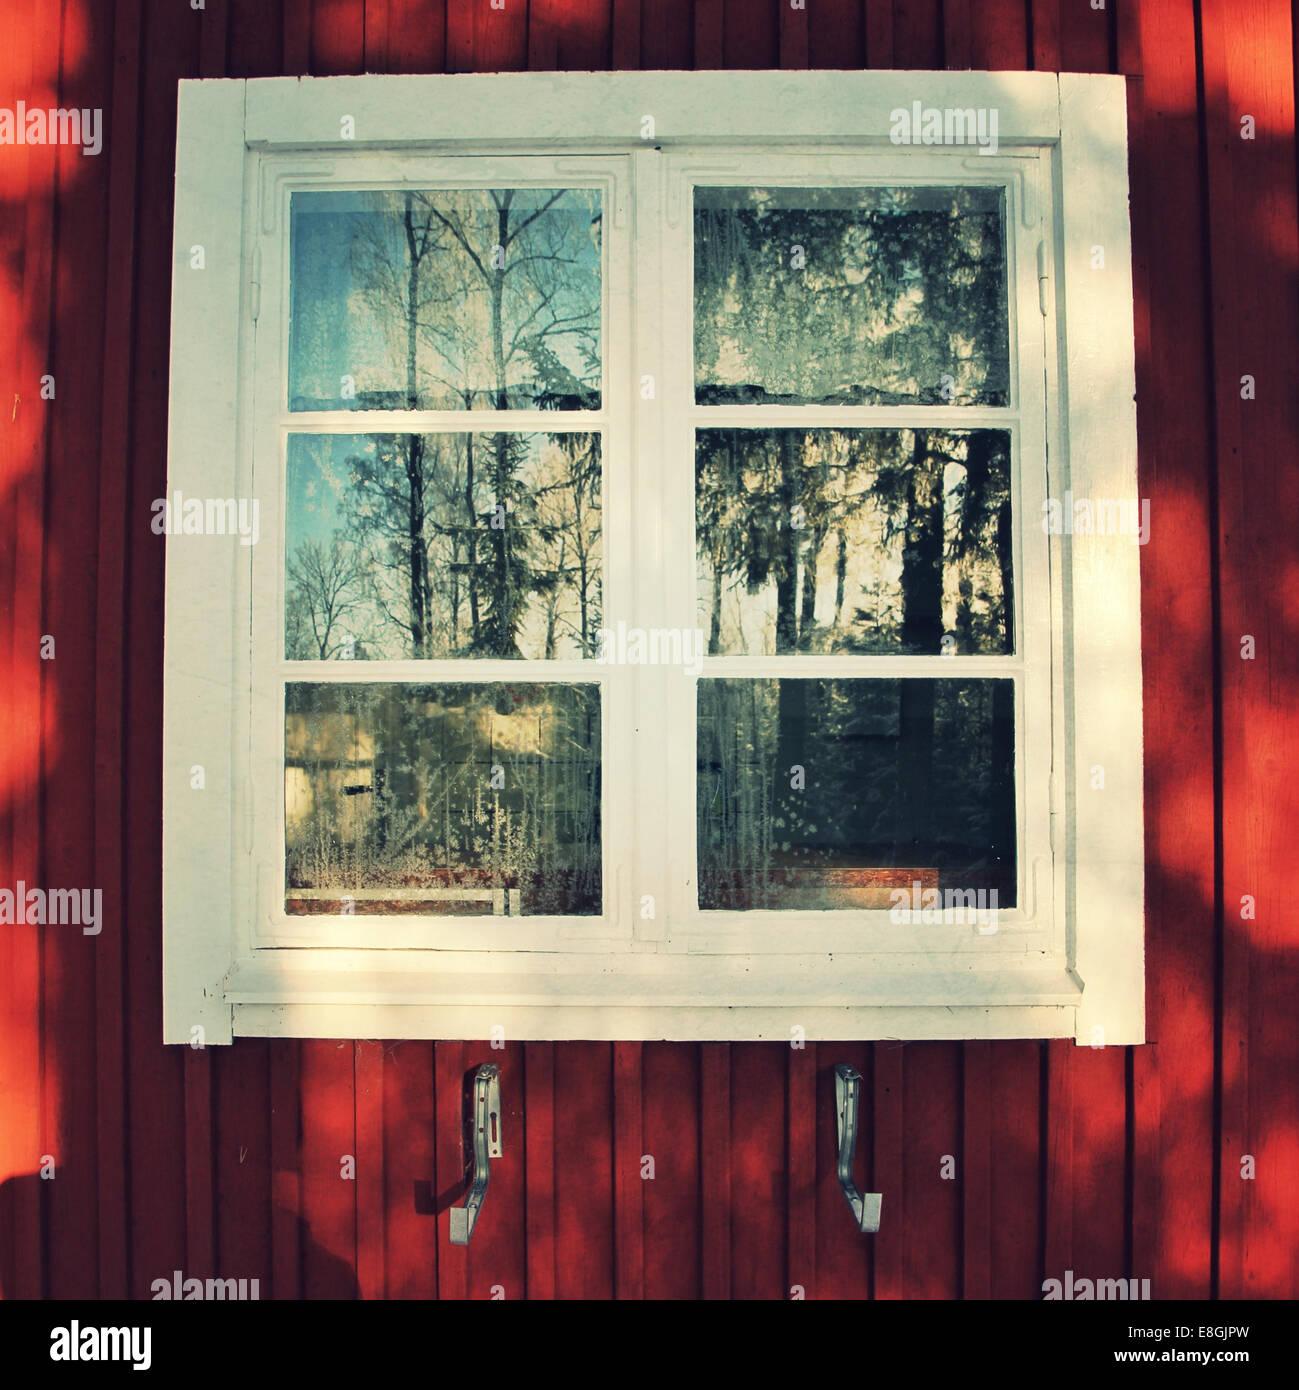 Fenster mit Baum-Reflexion Stockbild